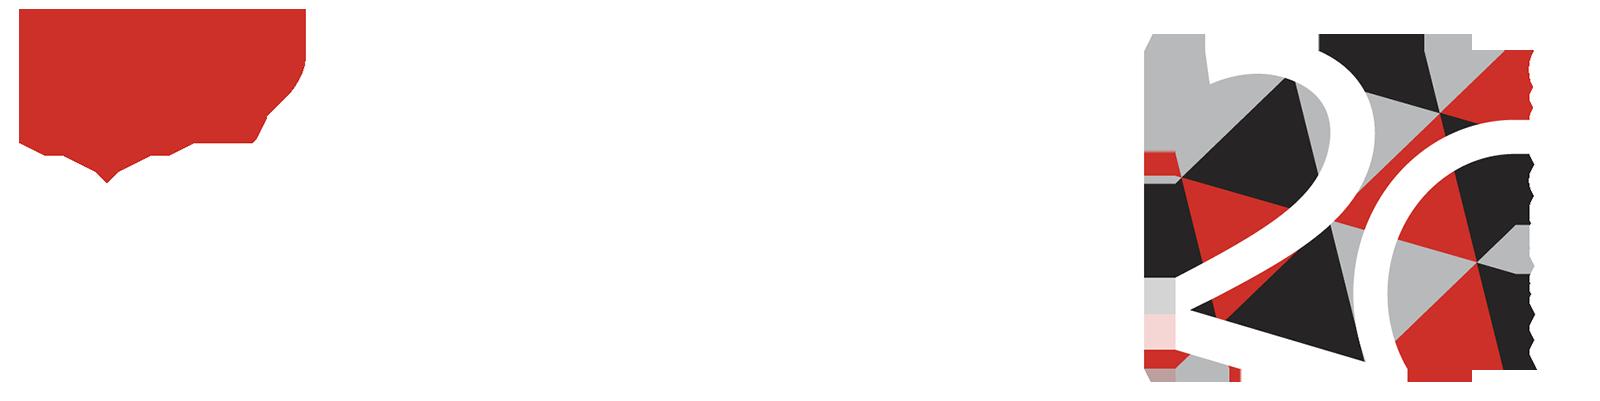 Inicio - Universidad Rey Juan Carlos